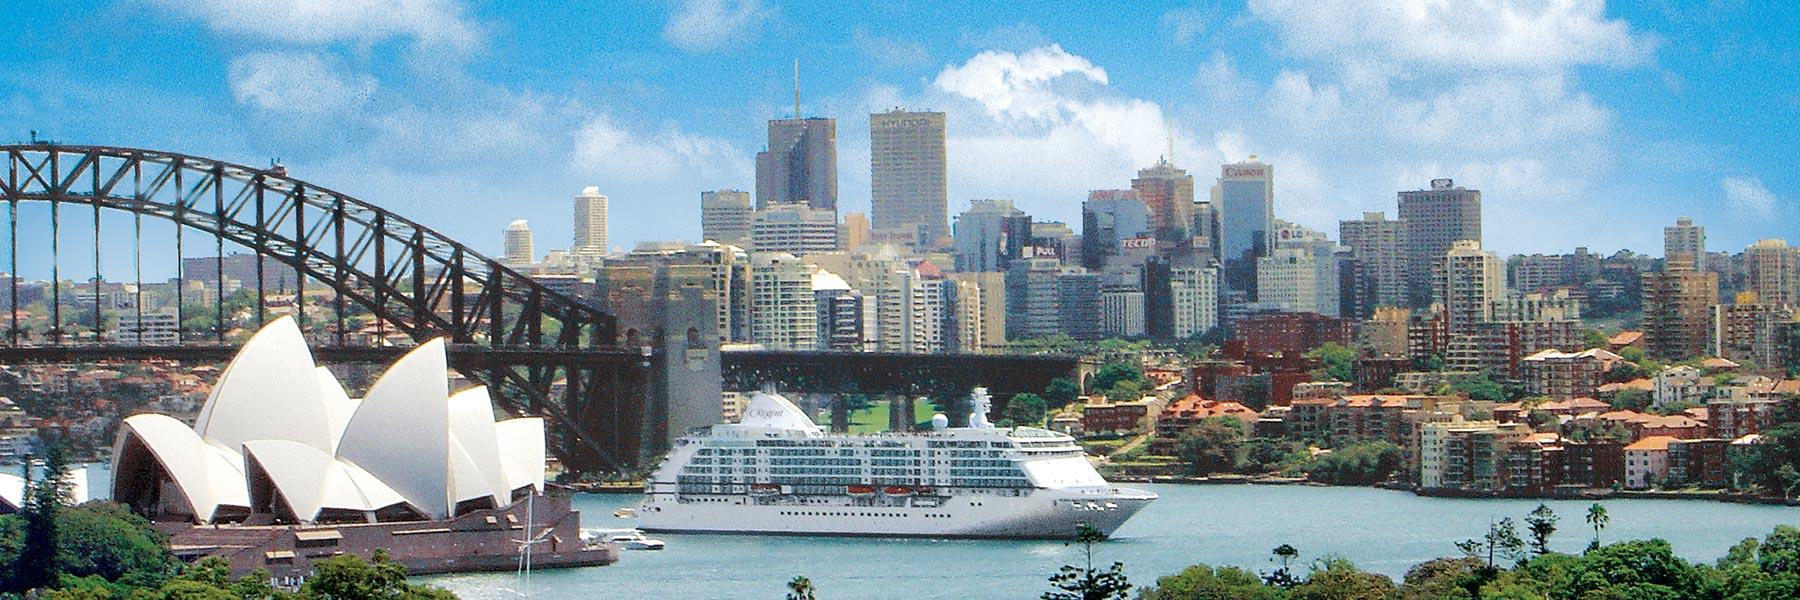 VOY Sydney Opera House.jpg